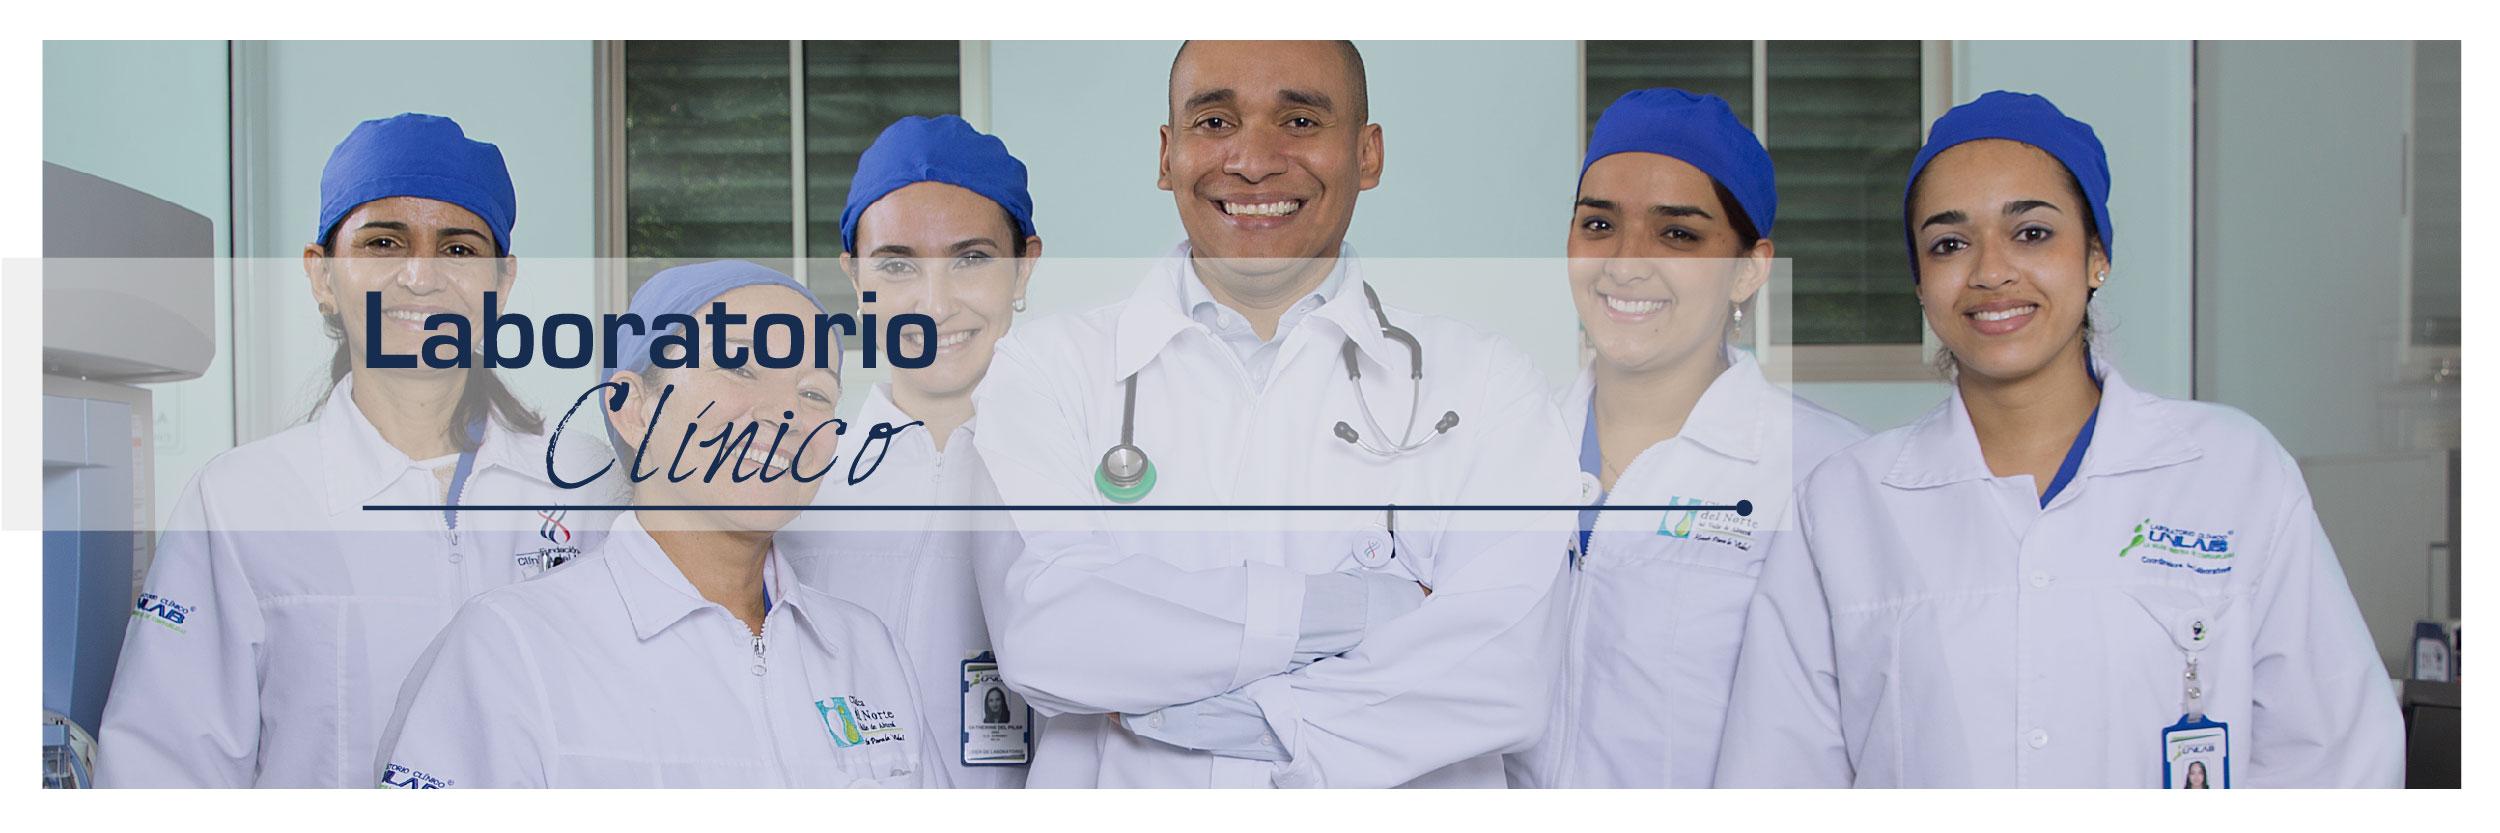 Laboratorio Clínico Especializado en la Clínica del Norte en Bello Antioquia